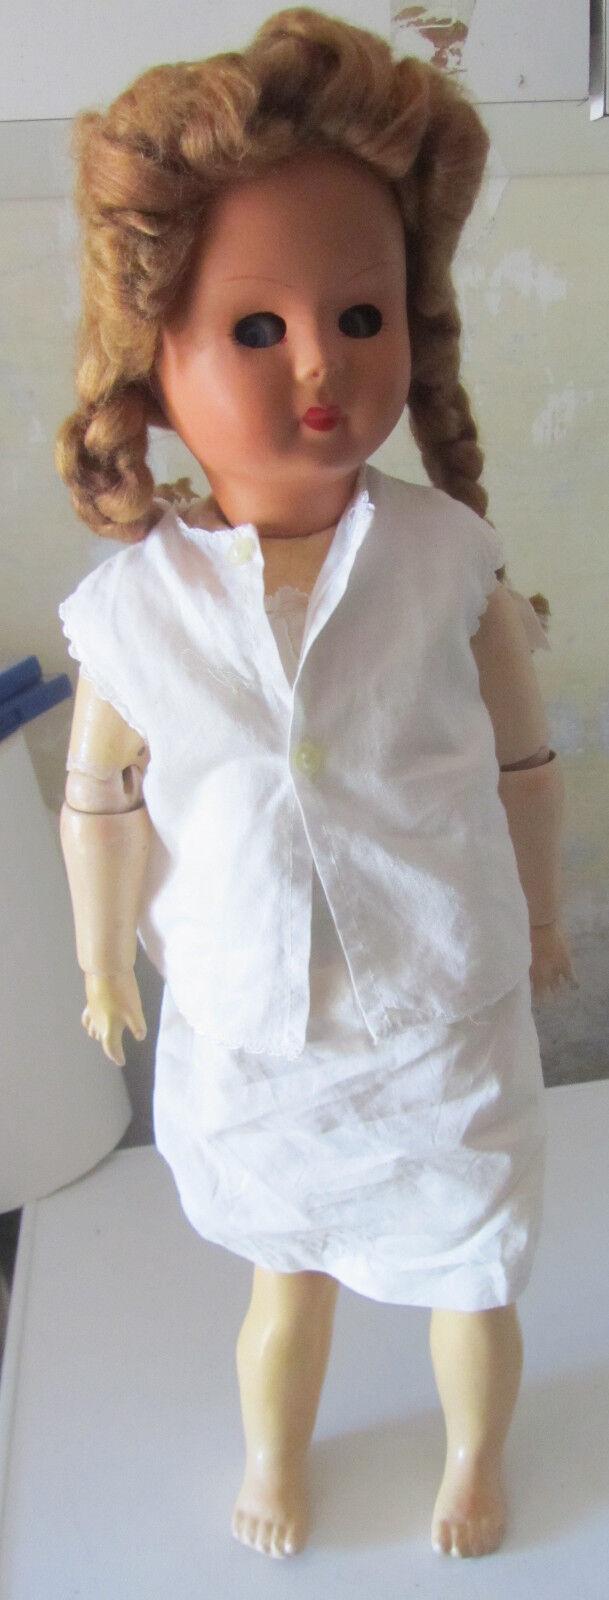 Bambola Corpo in legno DA RESTAURO SPESE GRATIS